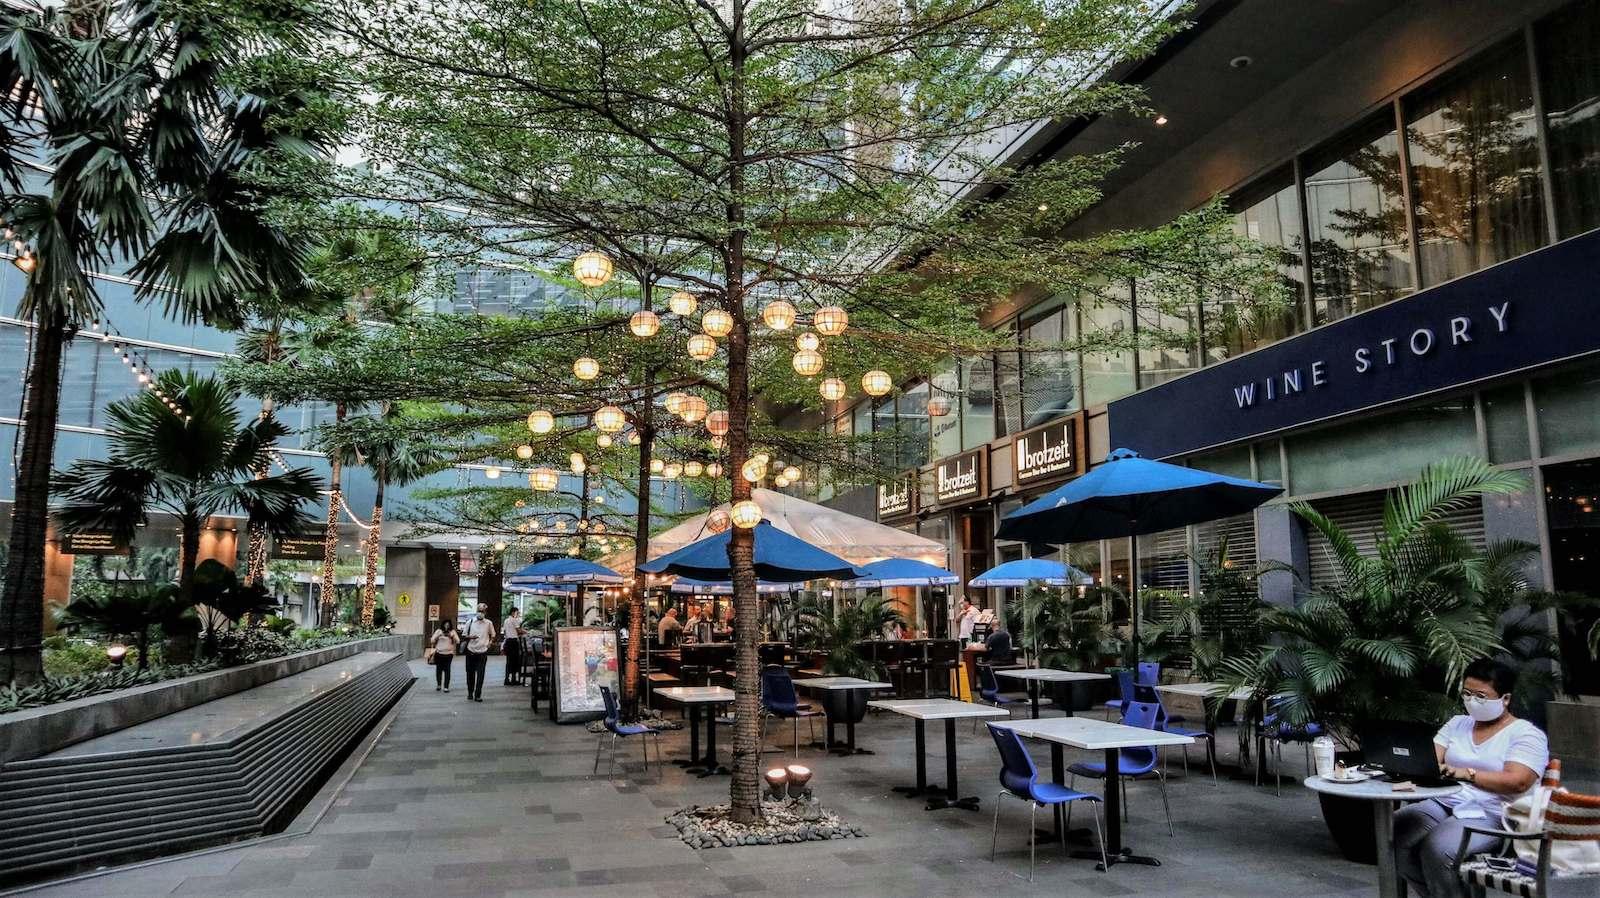 Dine out safely, dine al fresco at Shangri-La Plaza